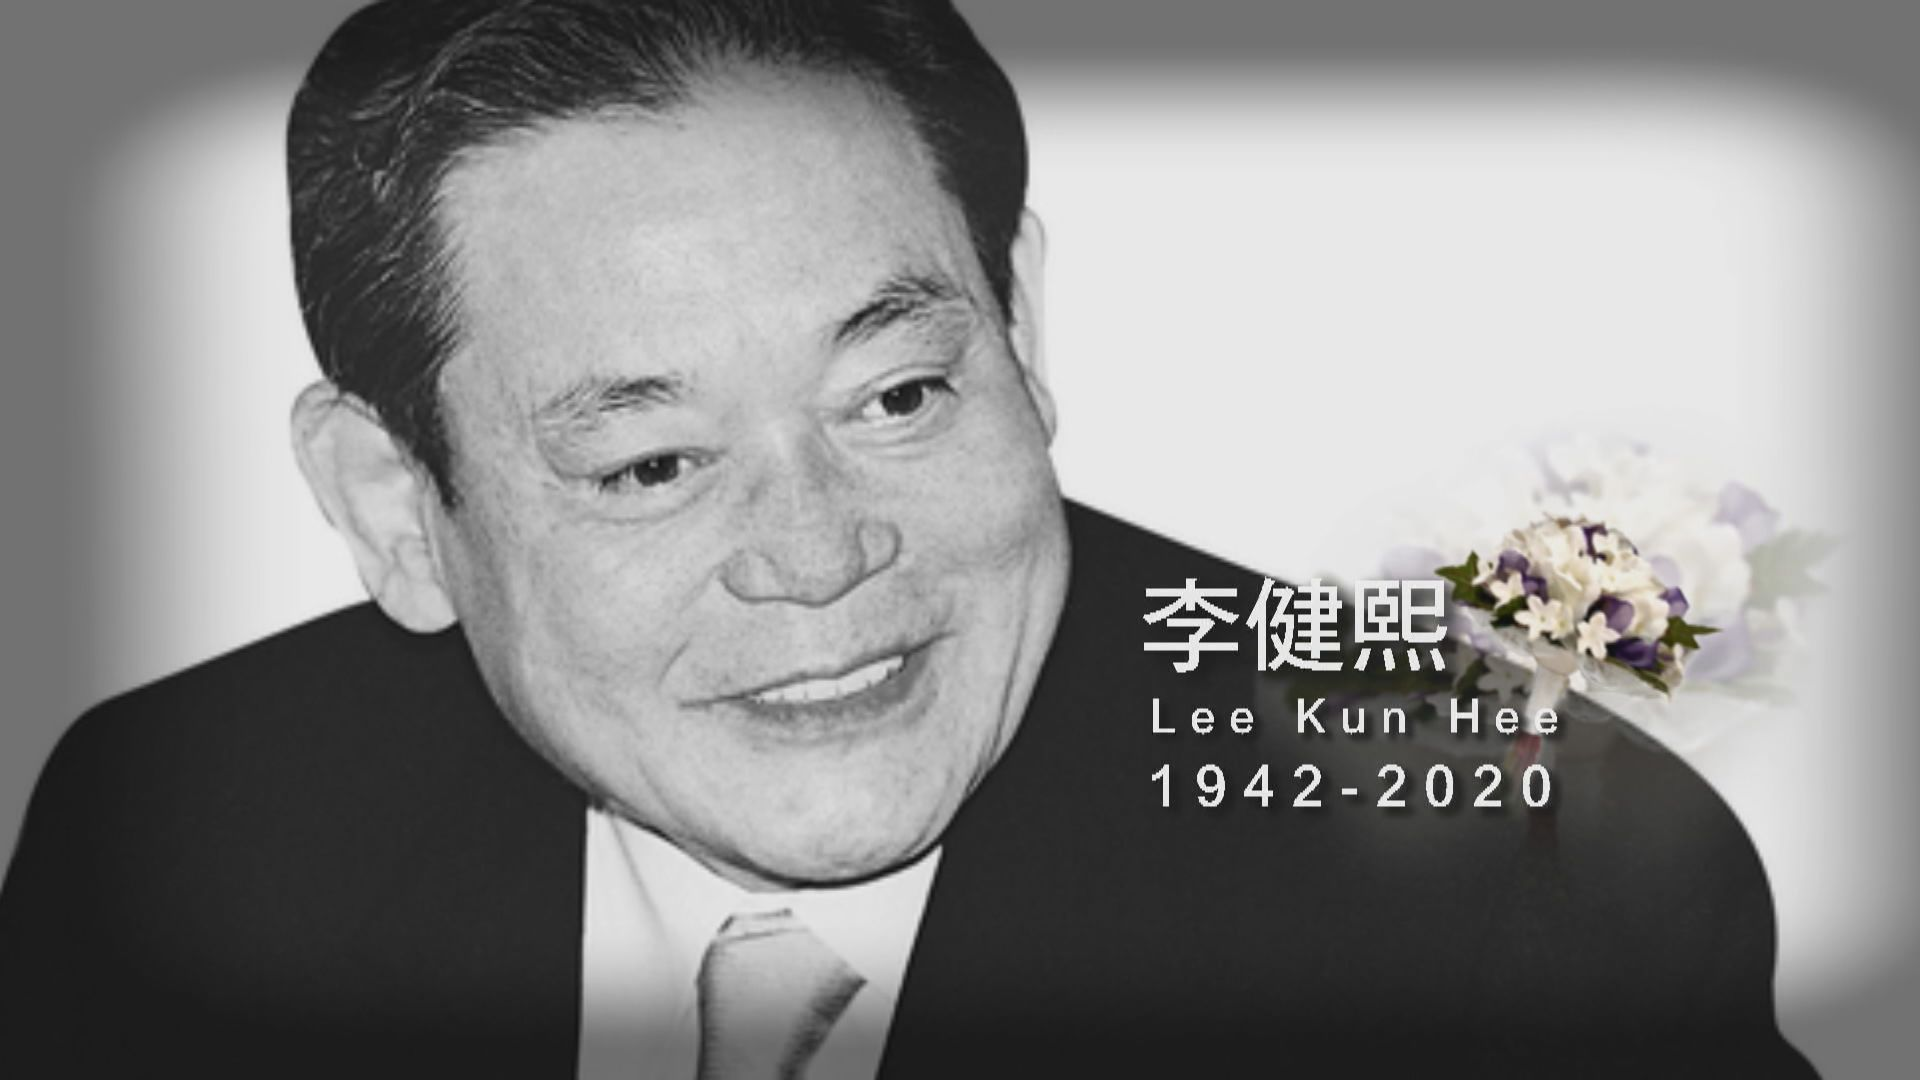 【南韓經濟總統】三星集團會長李健熙病逝 終年78歲